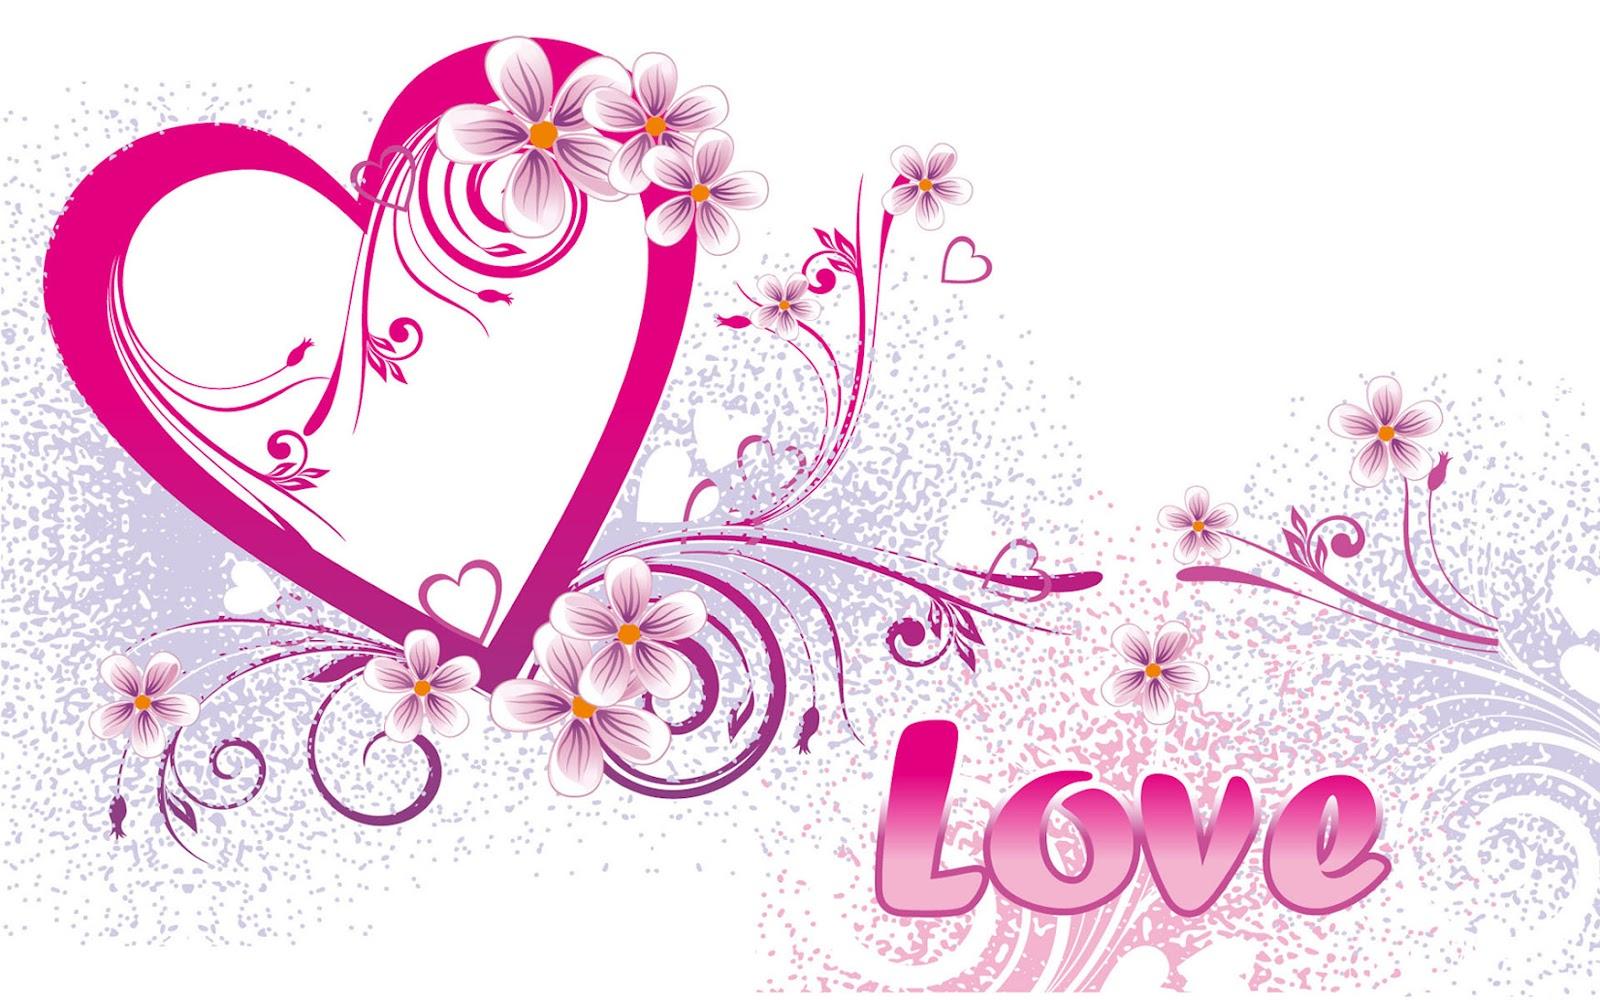 http://2.bp.blogspot.com/-70jxTmCJX84/UBbN3YMY0pI/AAAAAAAAAdU/P9WqU8Bxwx4/s1600/Love-wallpaper1.jpg